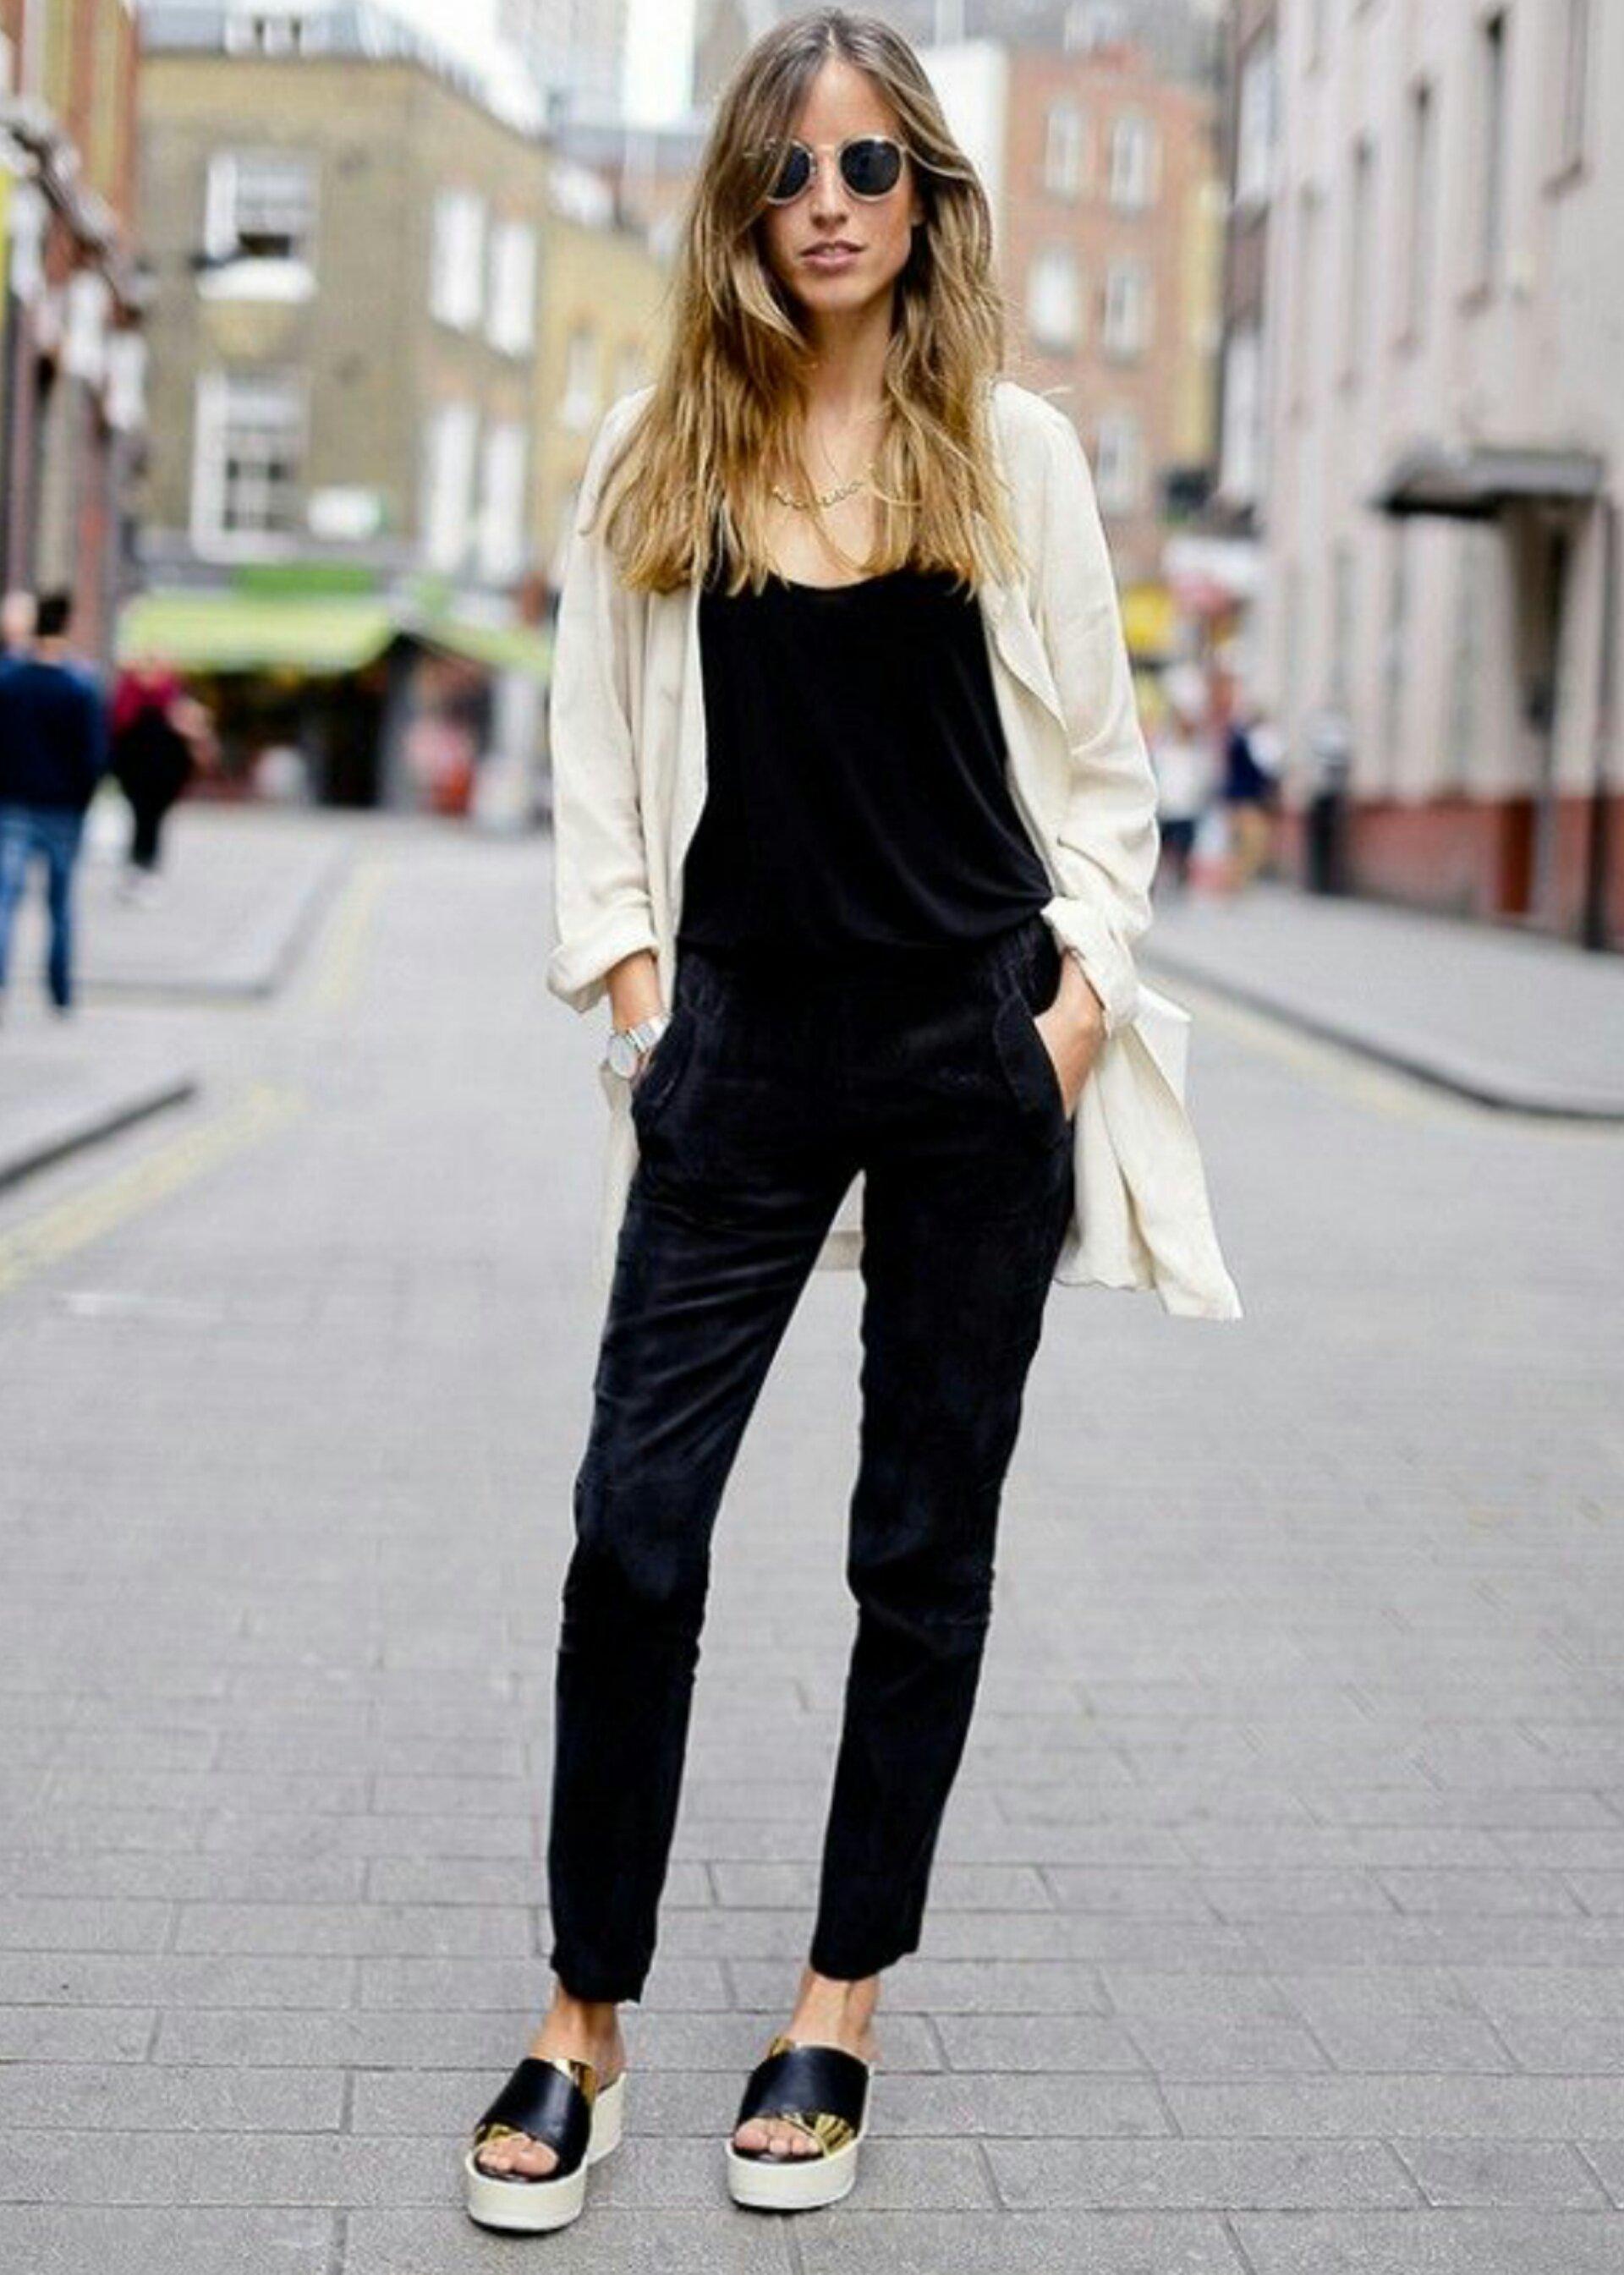 08ba4ae2f6 Las prendas velvet son cómodas y perfectas para darle un toque elegante a  tu estilo. Chica usando un outfit ...